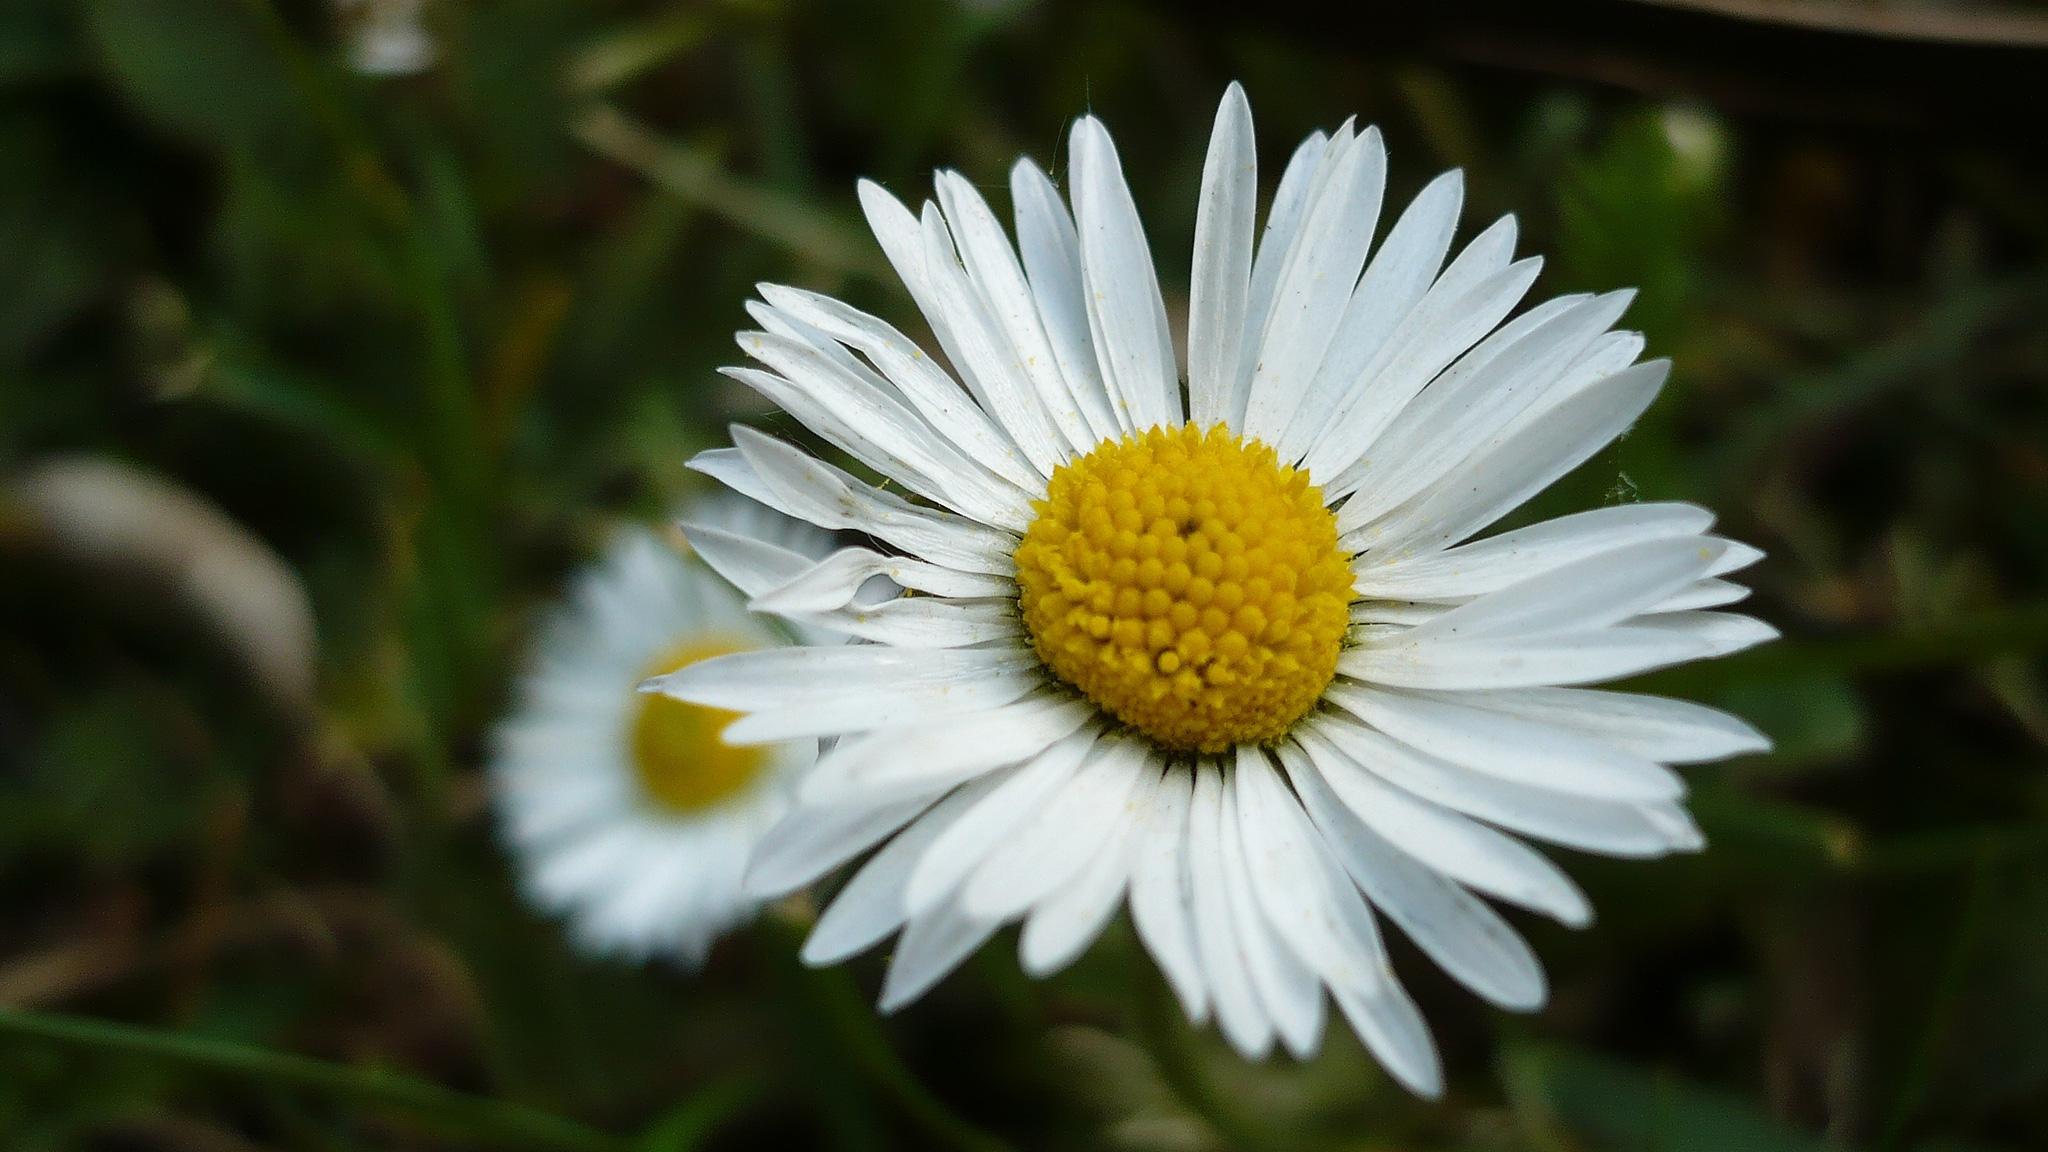 White Flowers For Desktop Background